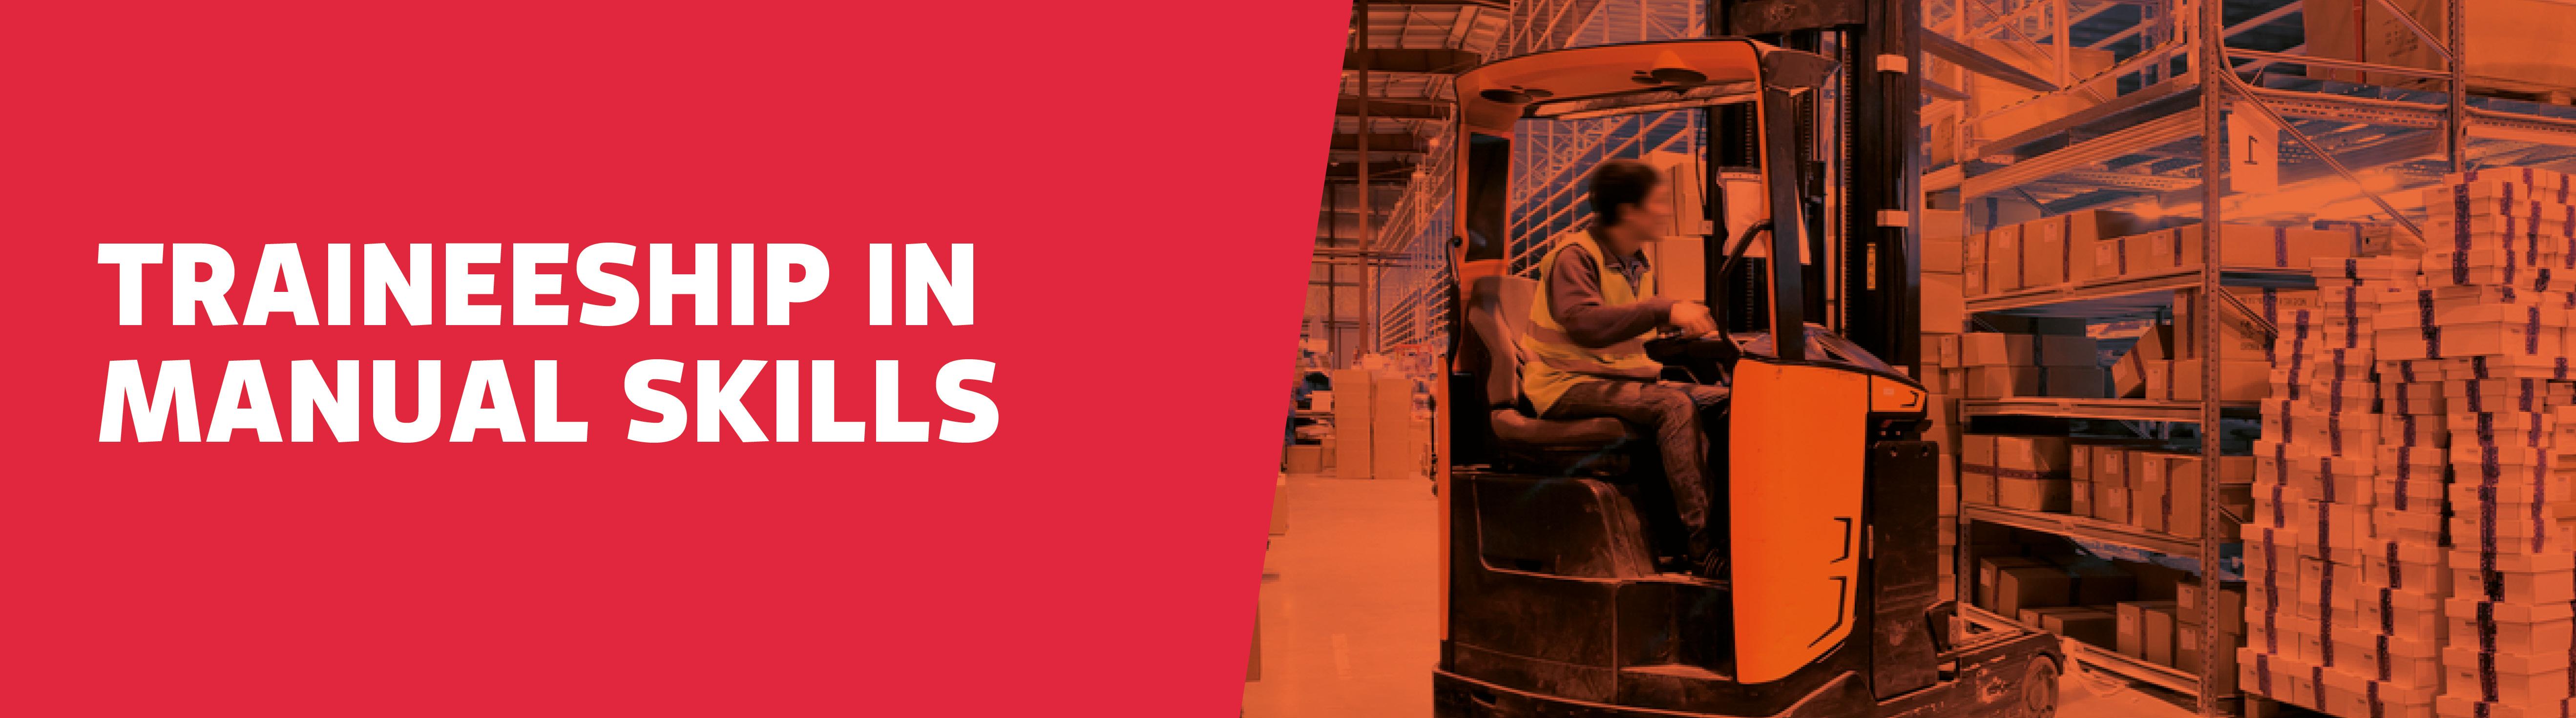 Construction - Manual skills website banner